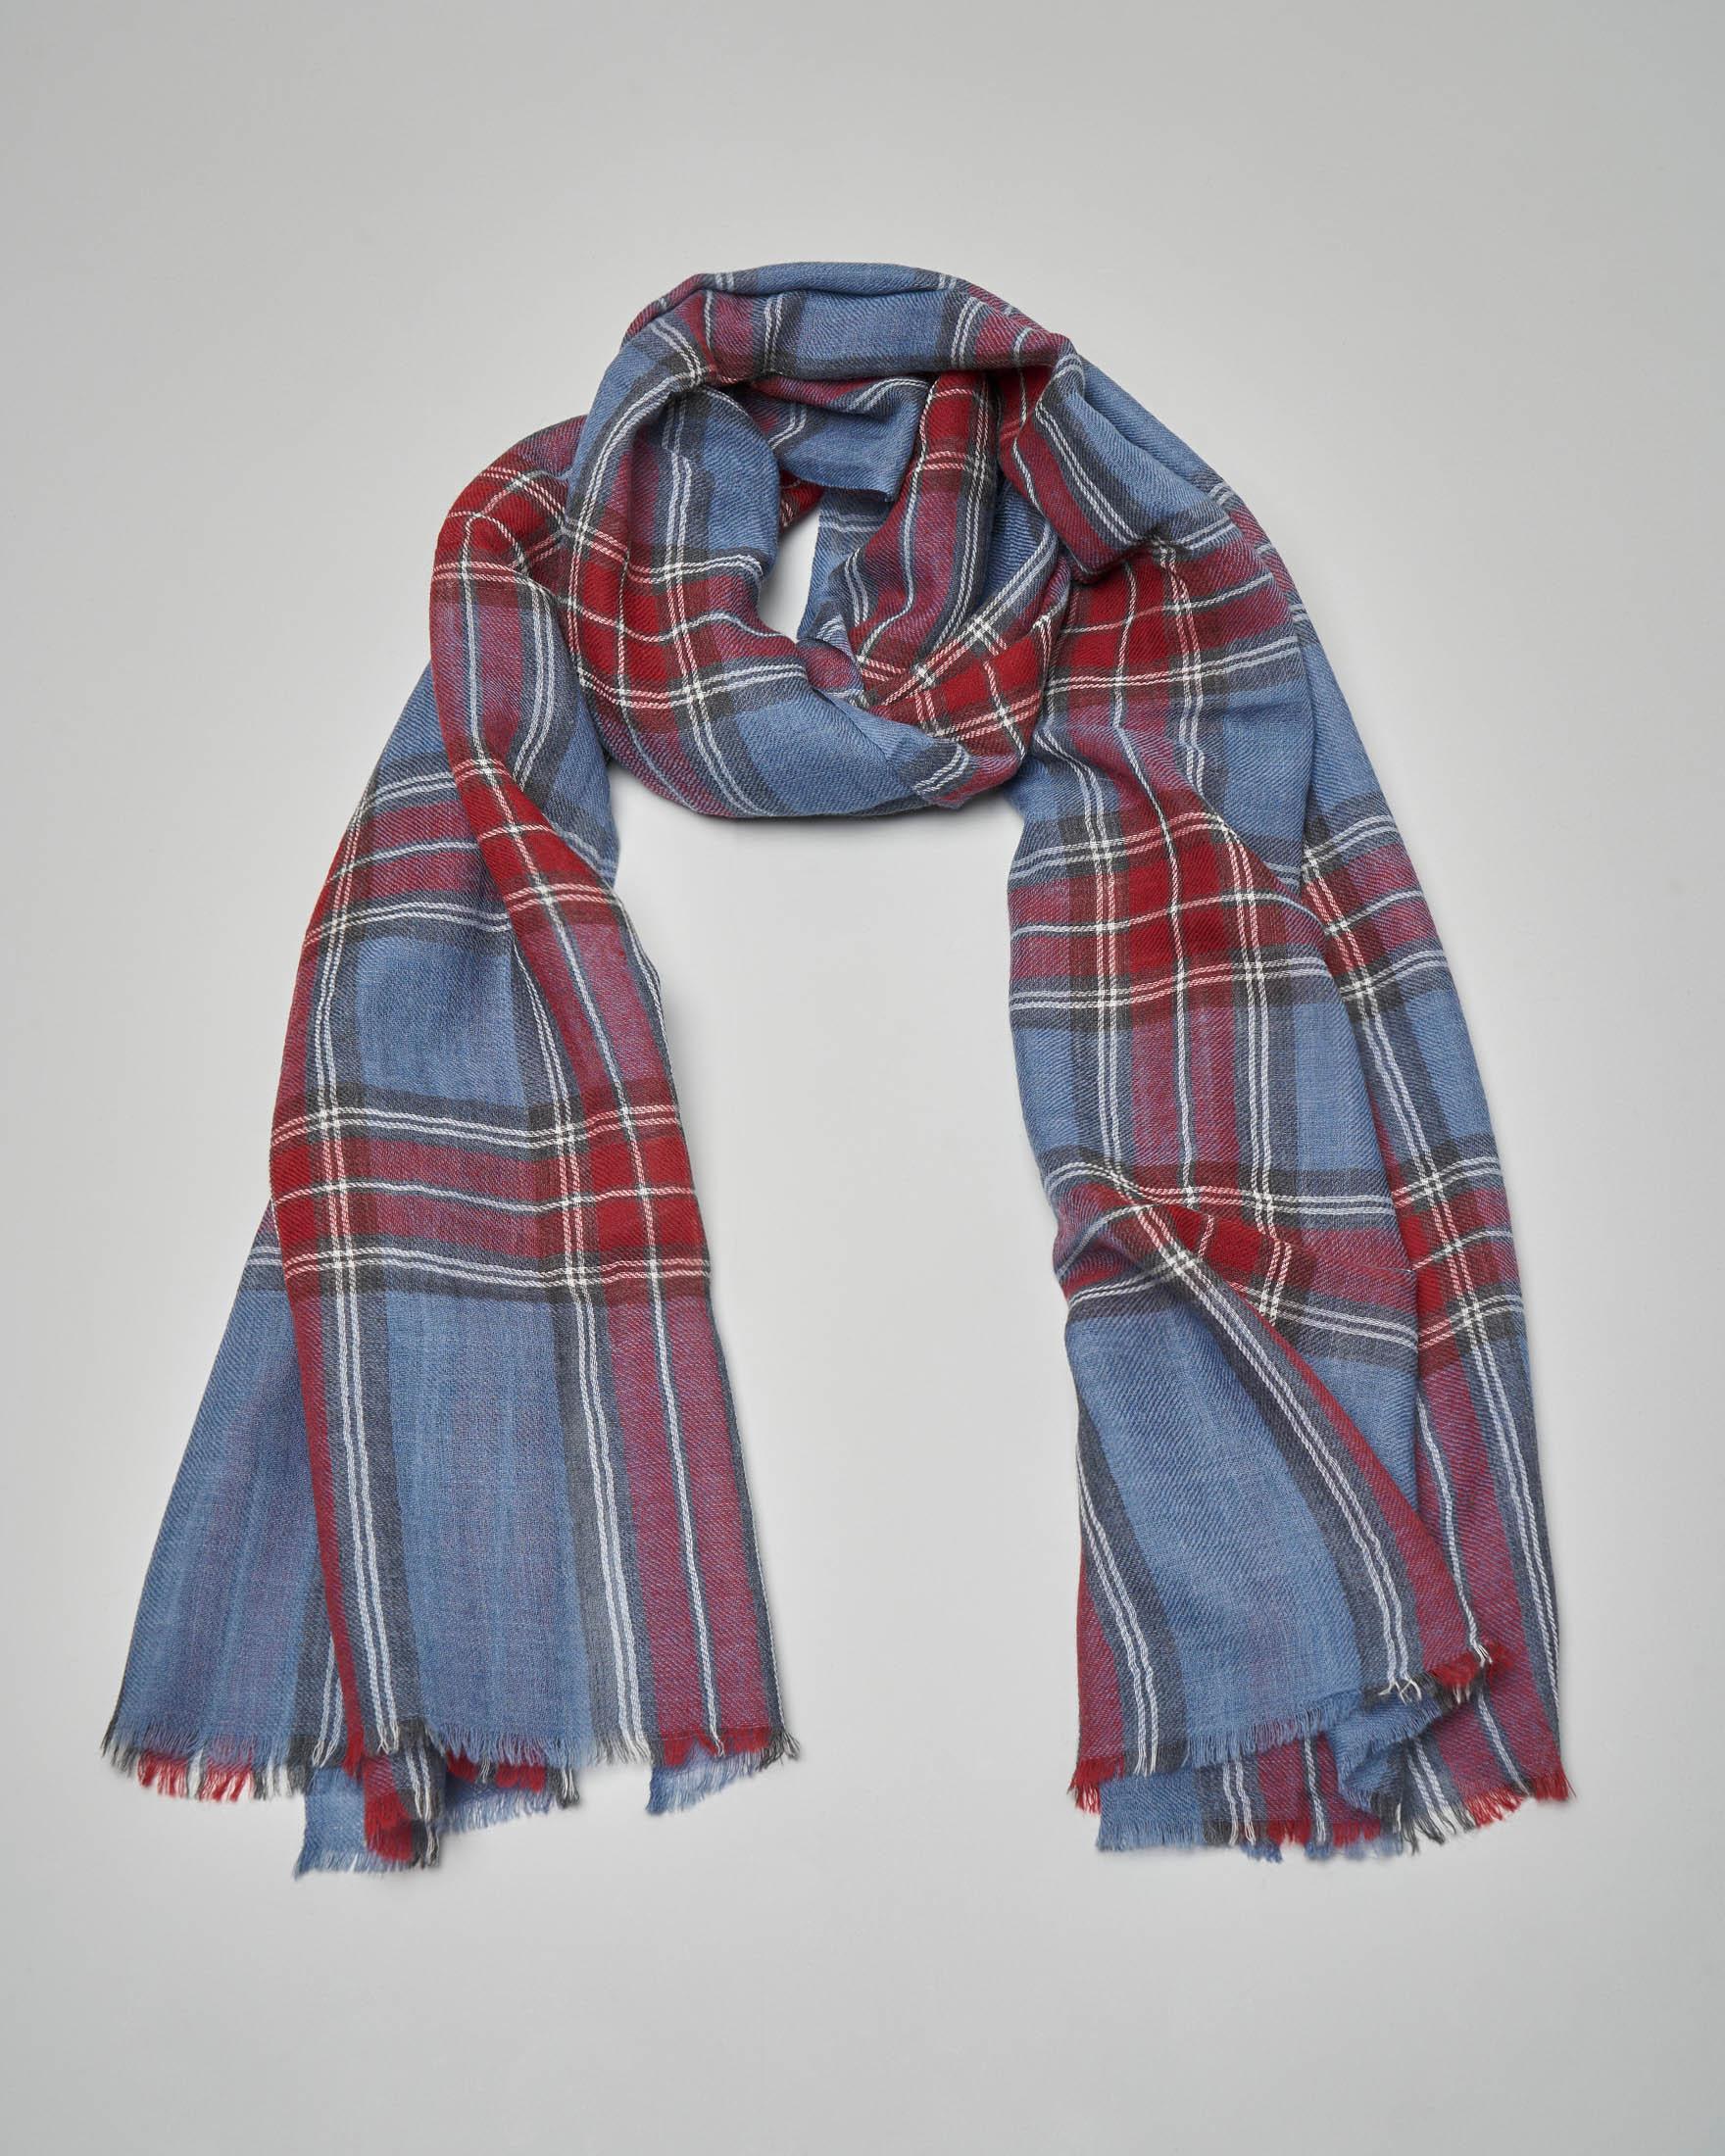 Sciarpa in lana a fantasia check avio e rosso